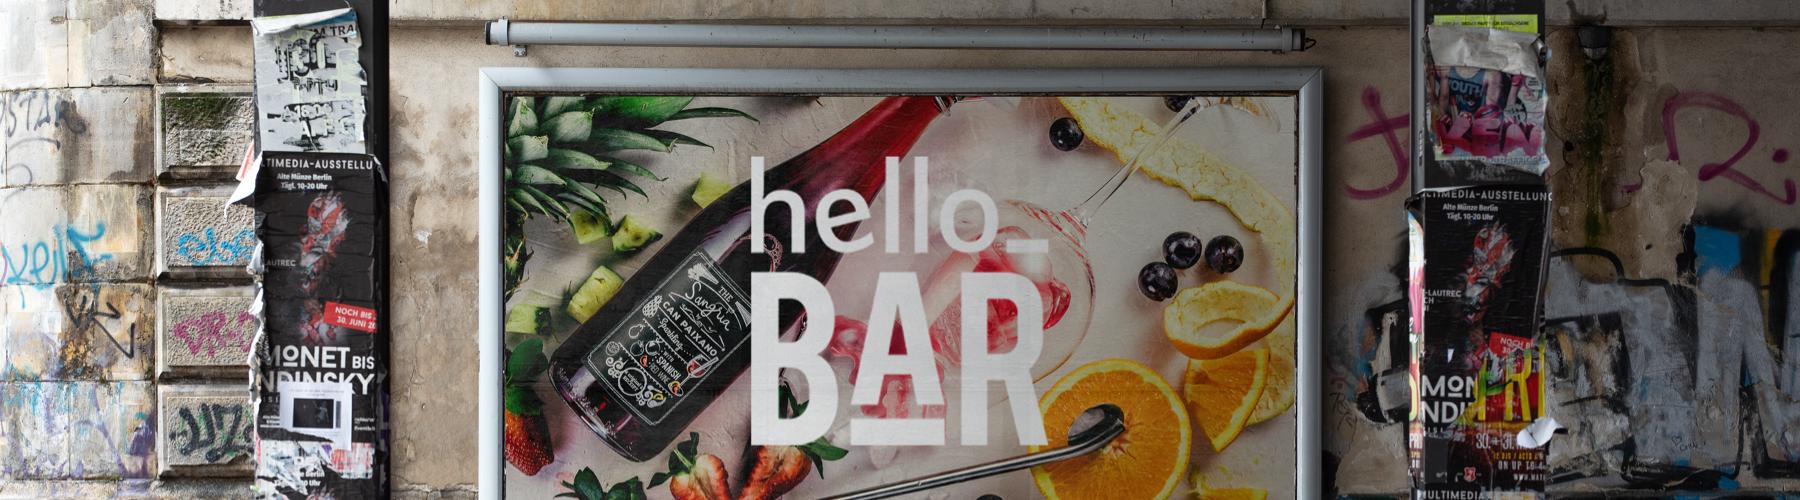 Restaurants, bars et hôtels : 3 astuces pour réussir l'ouverture